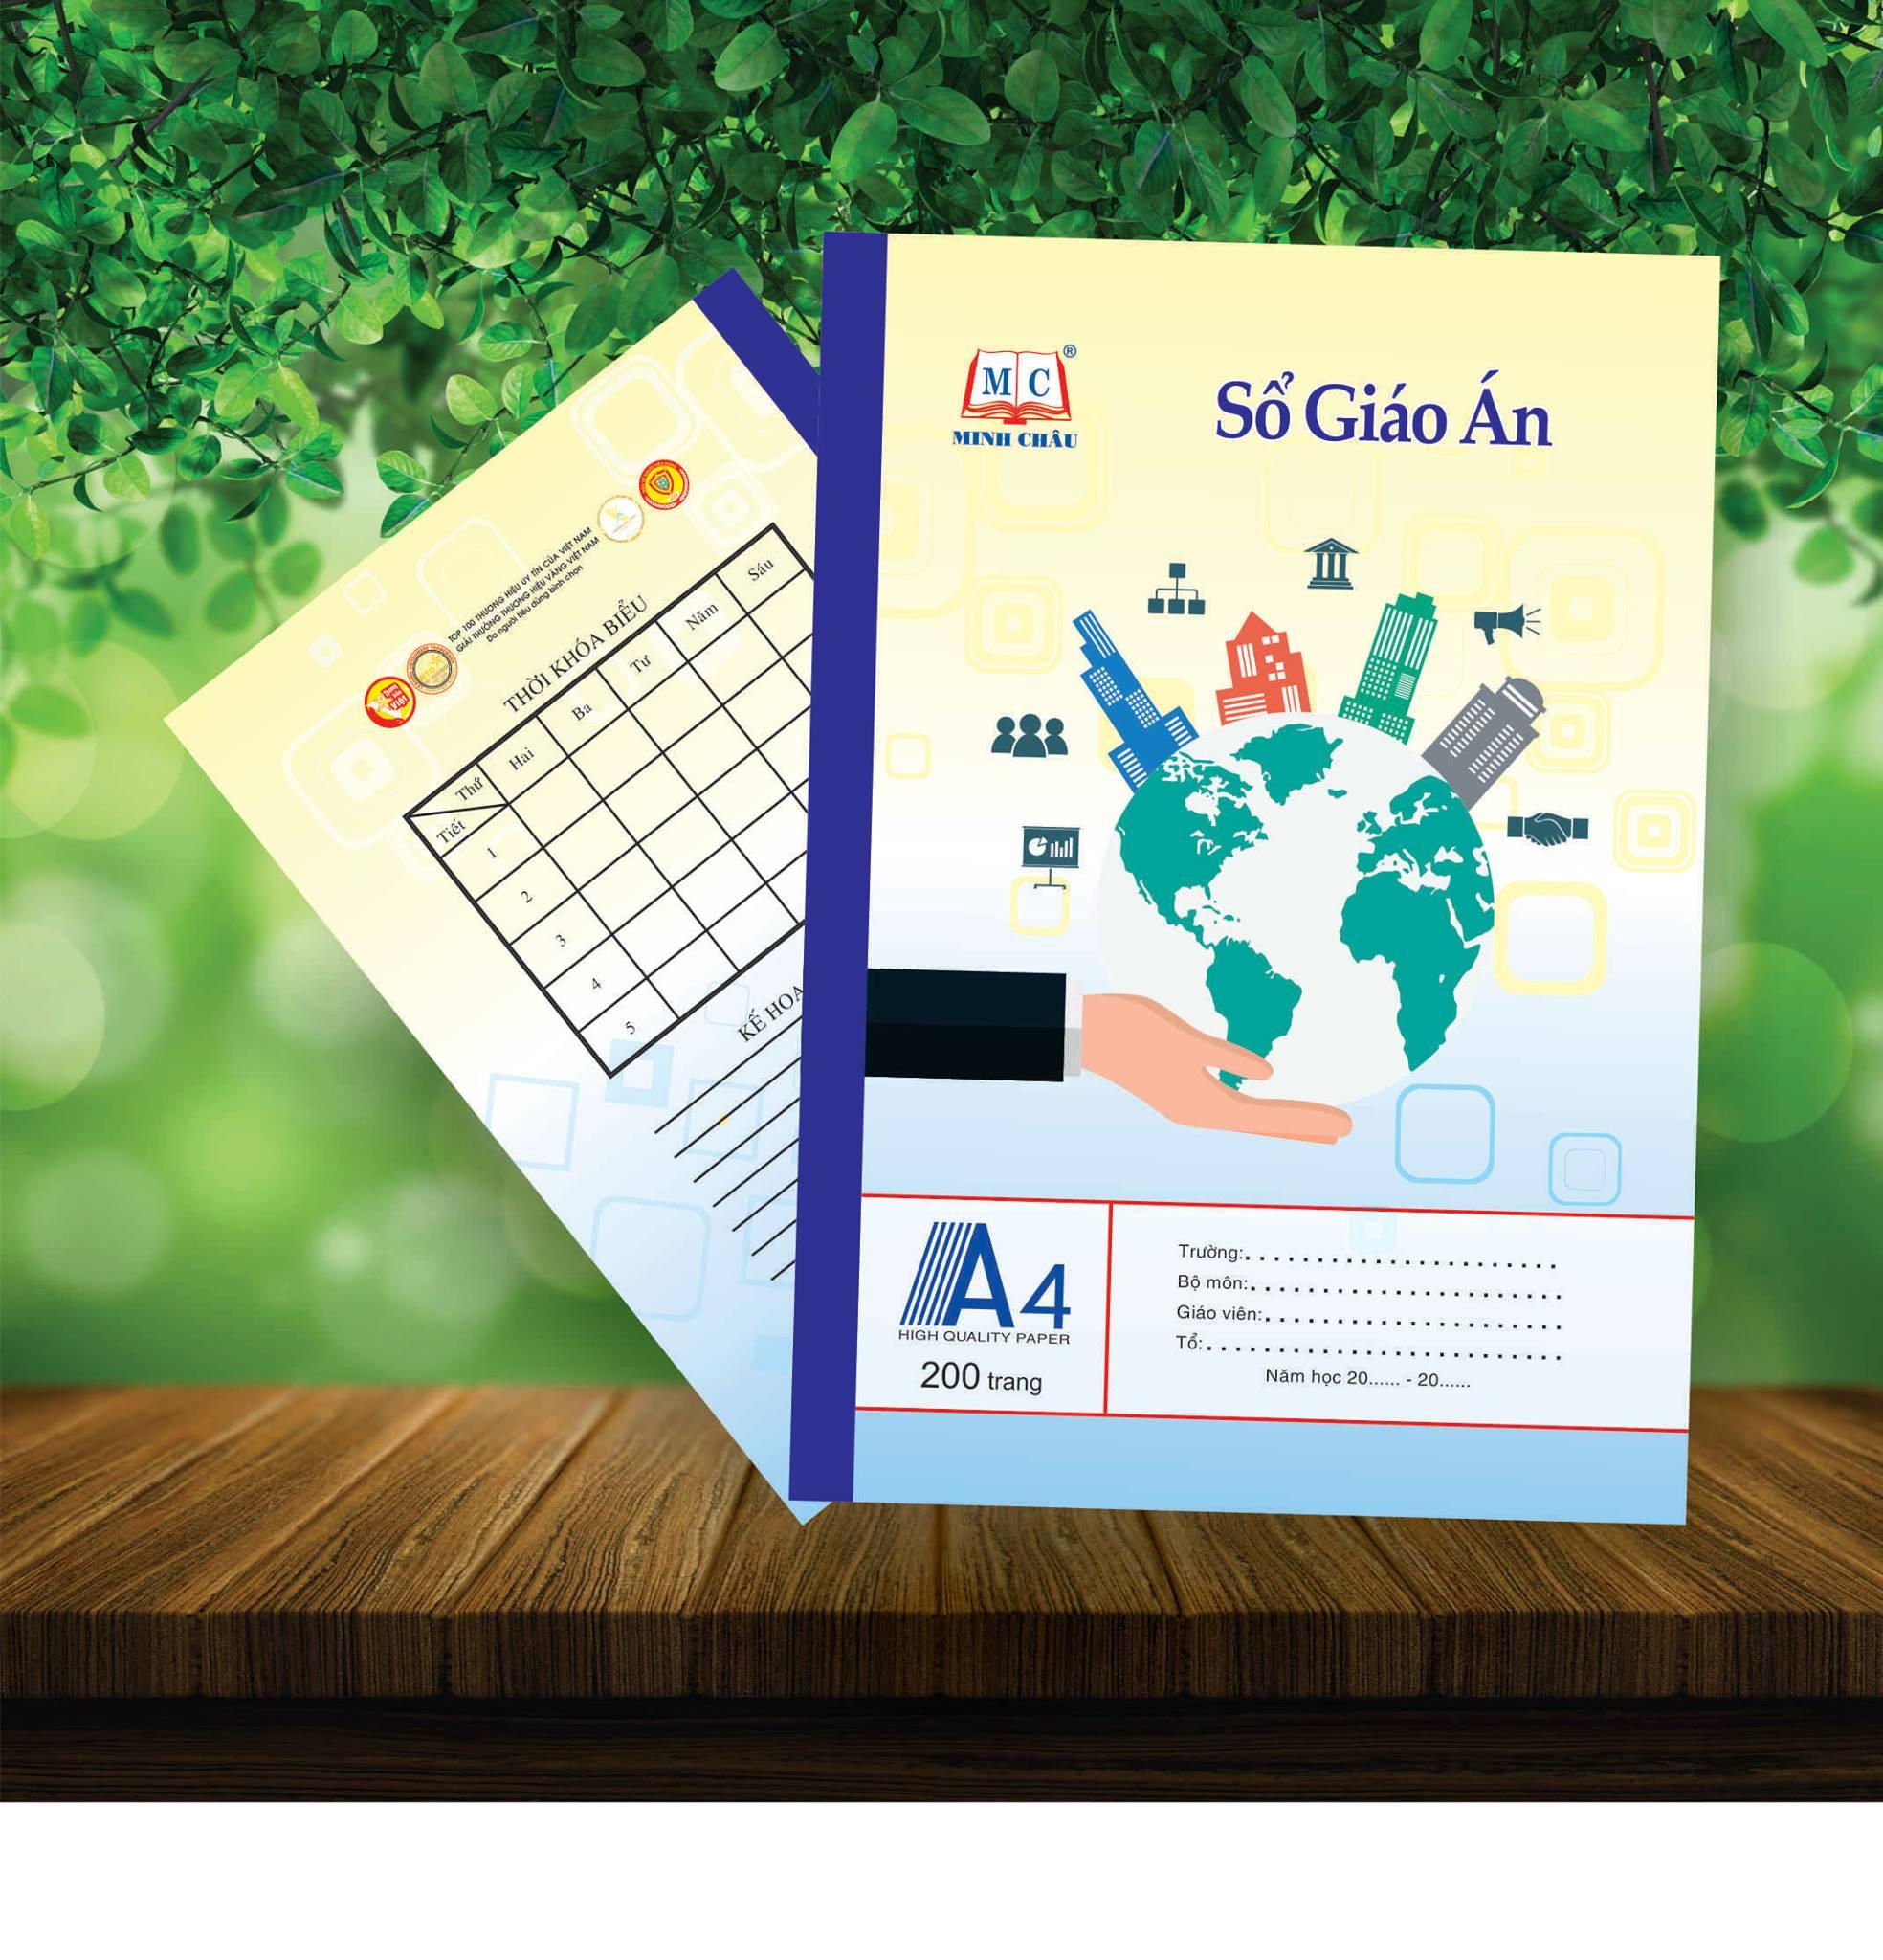 Sổ giáo án A4 - đủ số trang, đủ màu - Minh Châu -